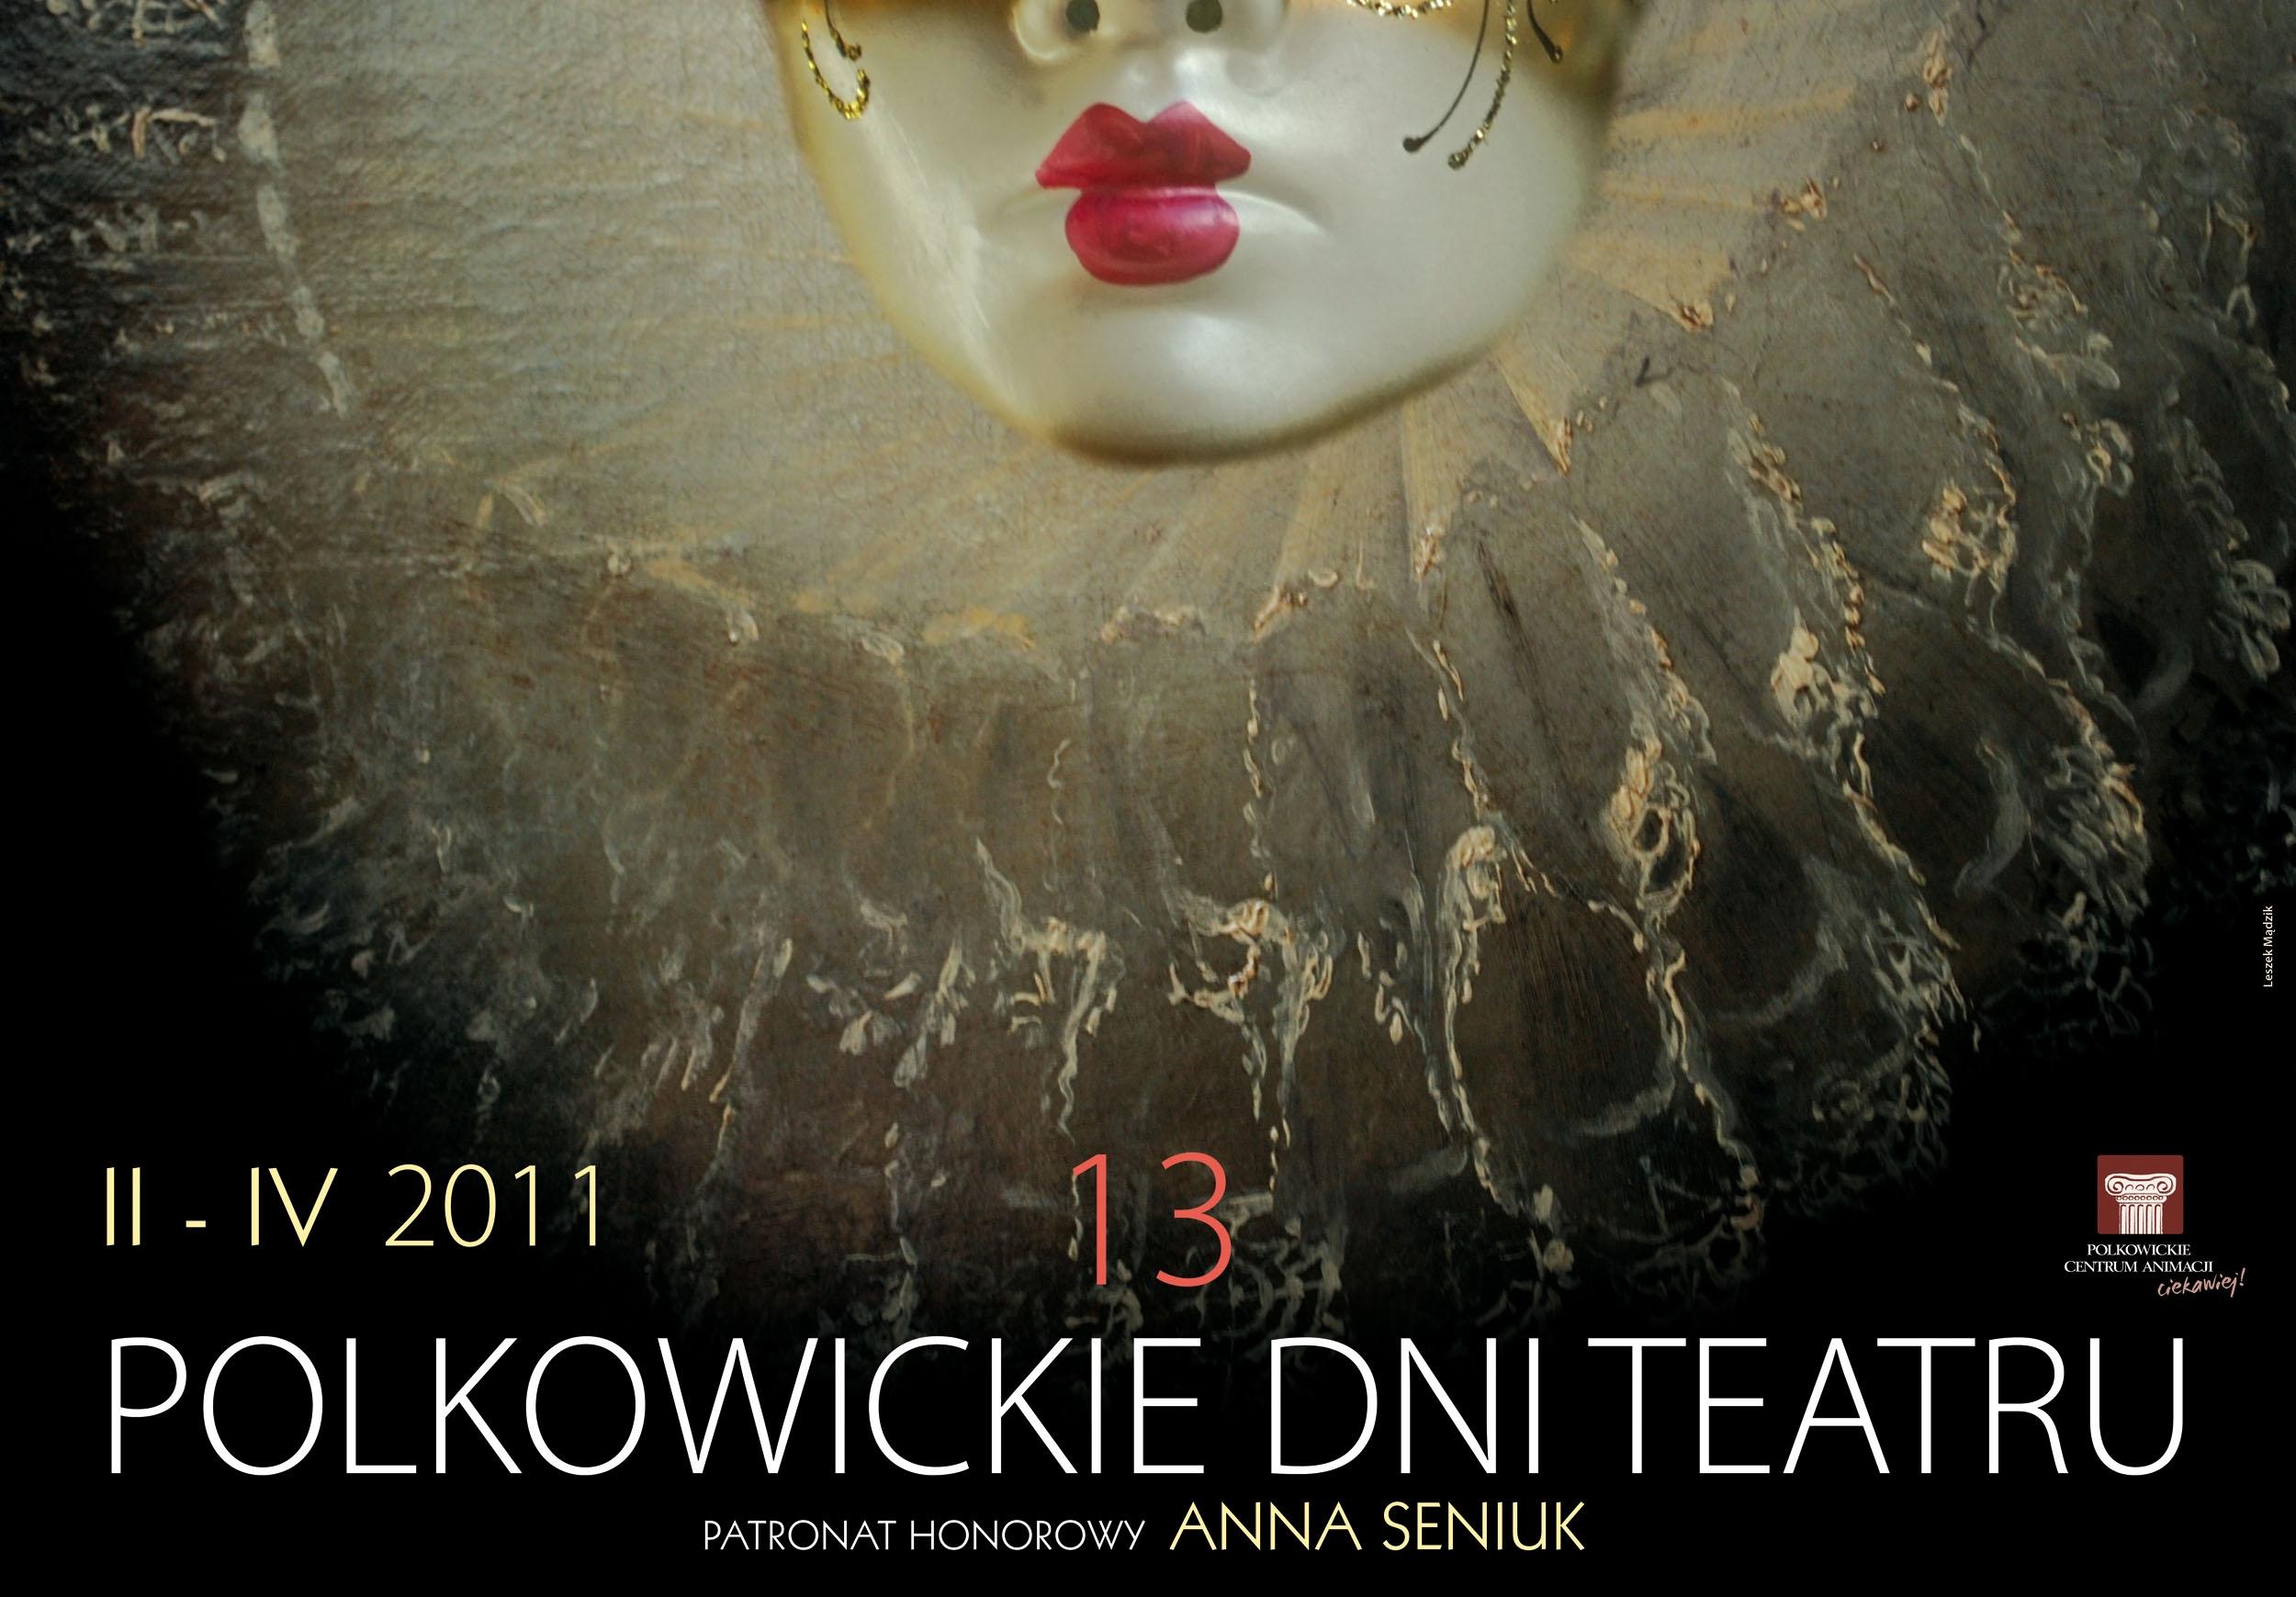 XIII Polkowickie Dni Teatru